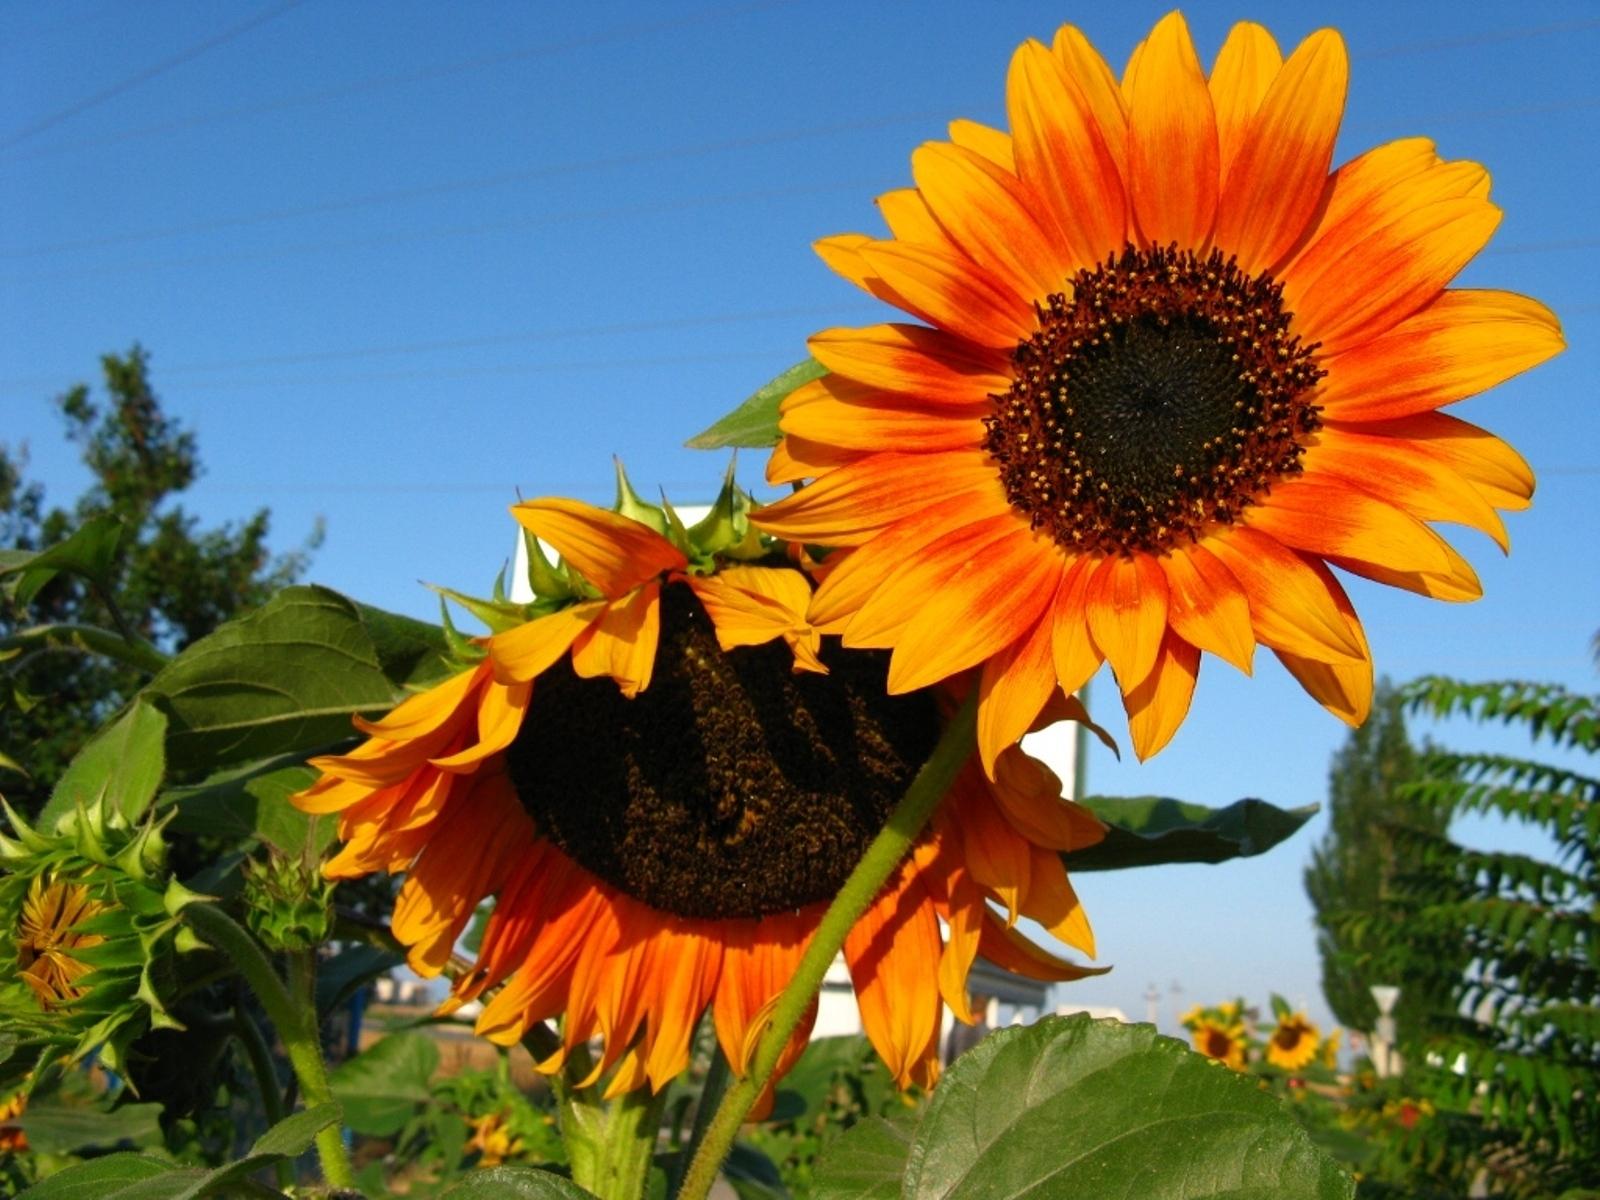 4816 免費下載壁紙 植物, 向日葵 屏保和圖片